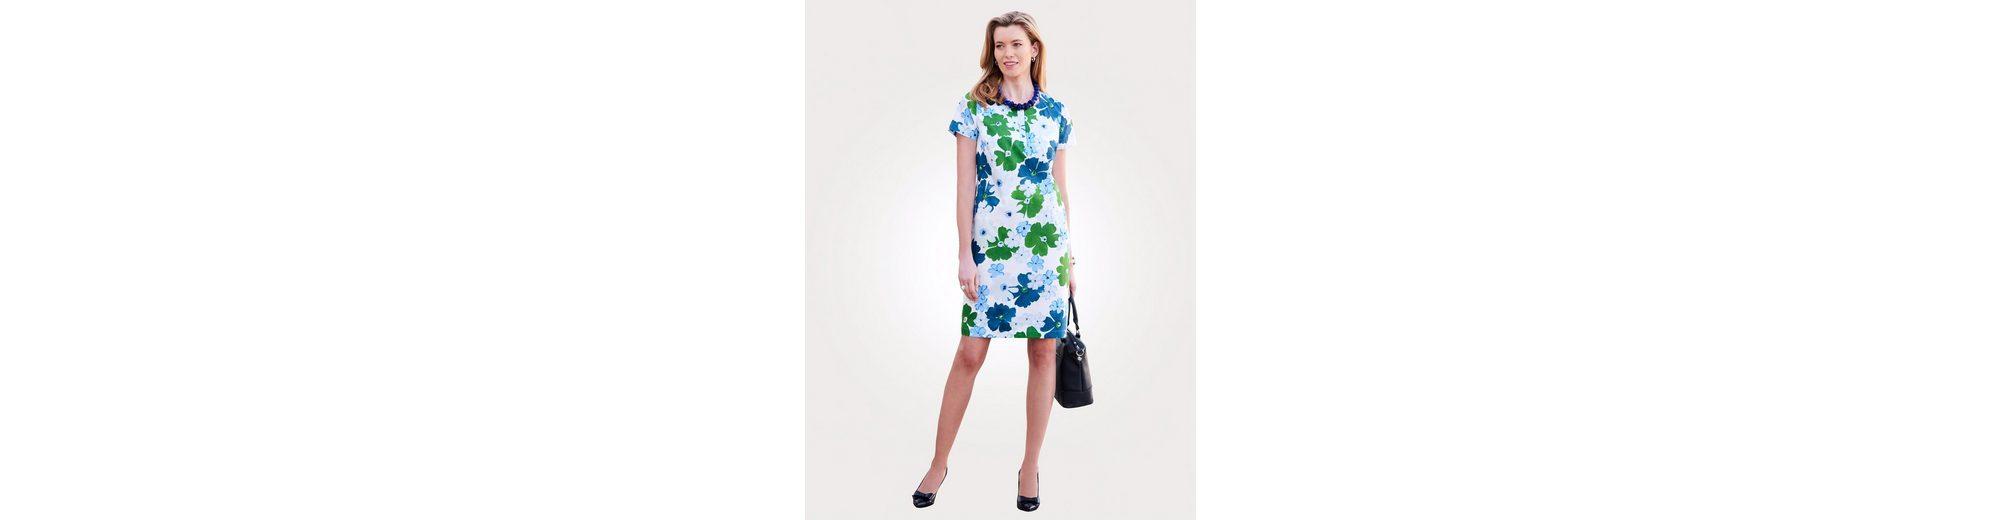 Mona Kleid aus reiner Baumwolle Countdown-Paket Günstig Online Günstiger Preis In Deutschland Günstiger Online-Shop 2018 Unisex Günstig Online V4RVmFd